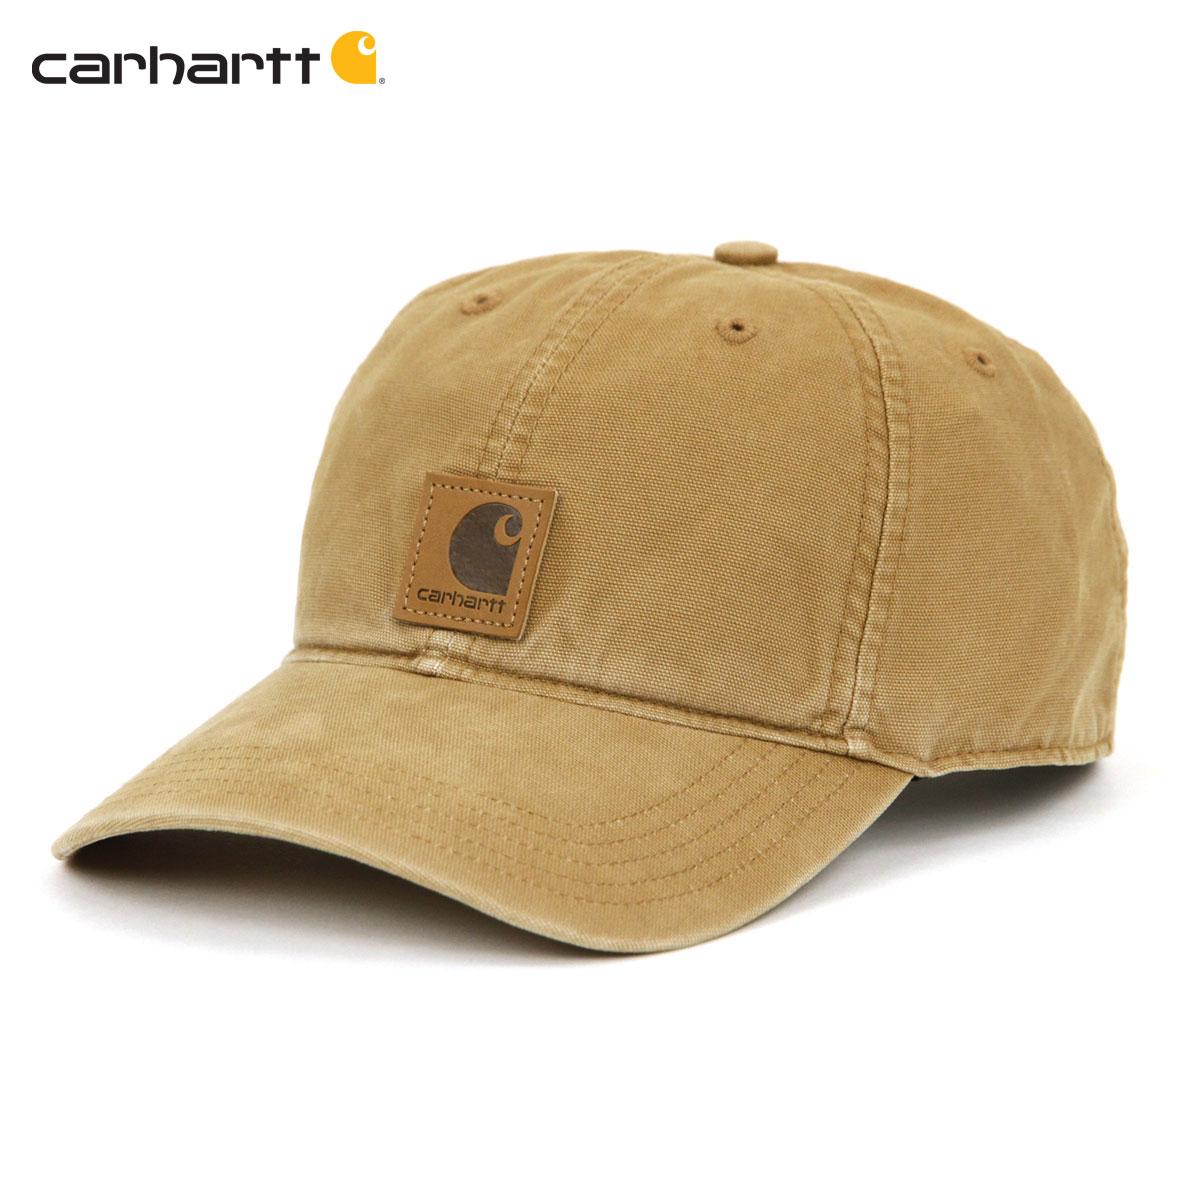 8880ac087f9 Car heart carhartt regular article hat cap odessa cap carhartt brown jpg  1200x1200 Carhartt odessa hats